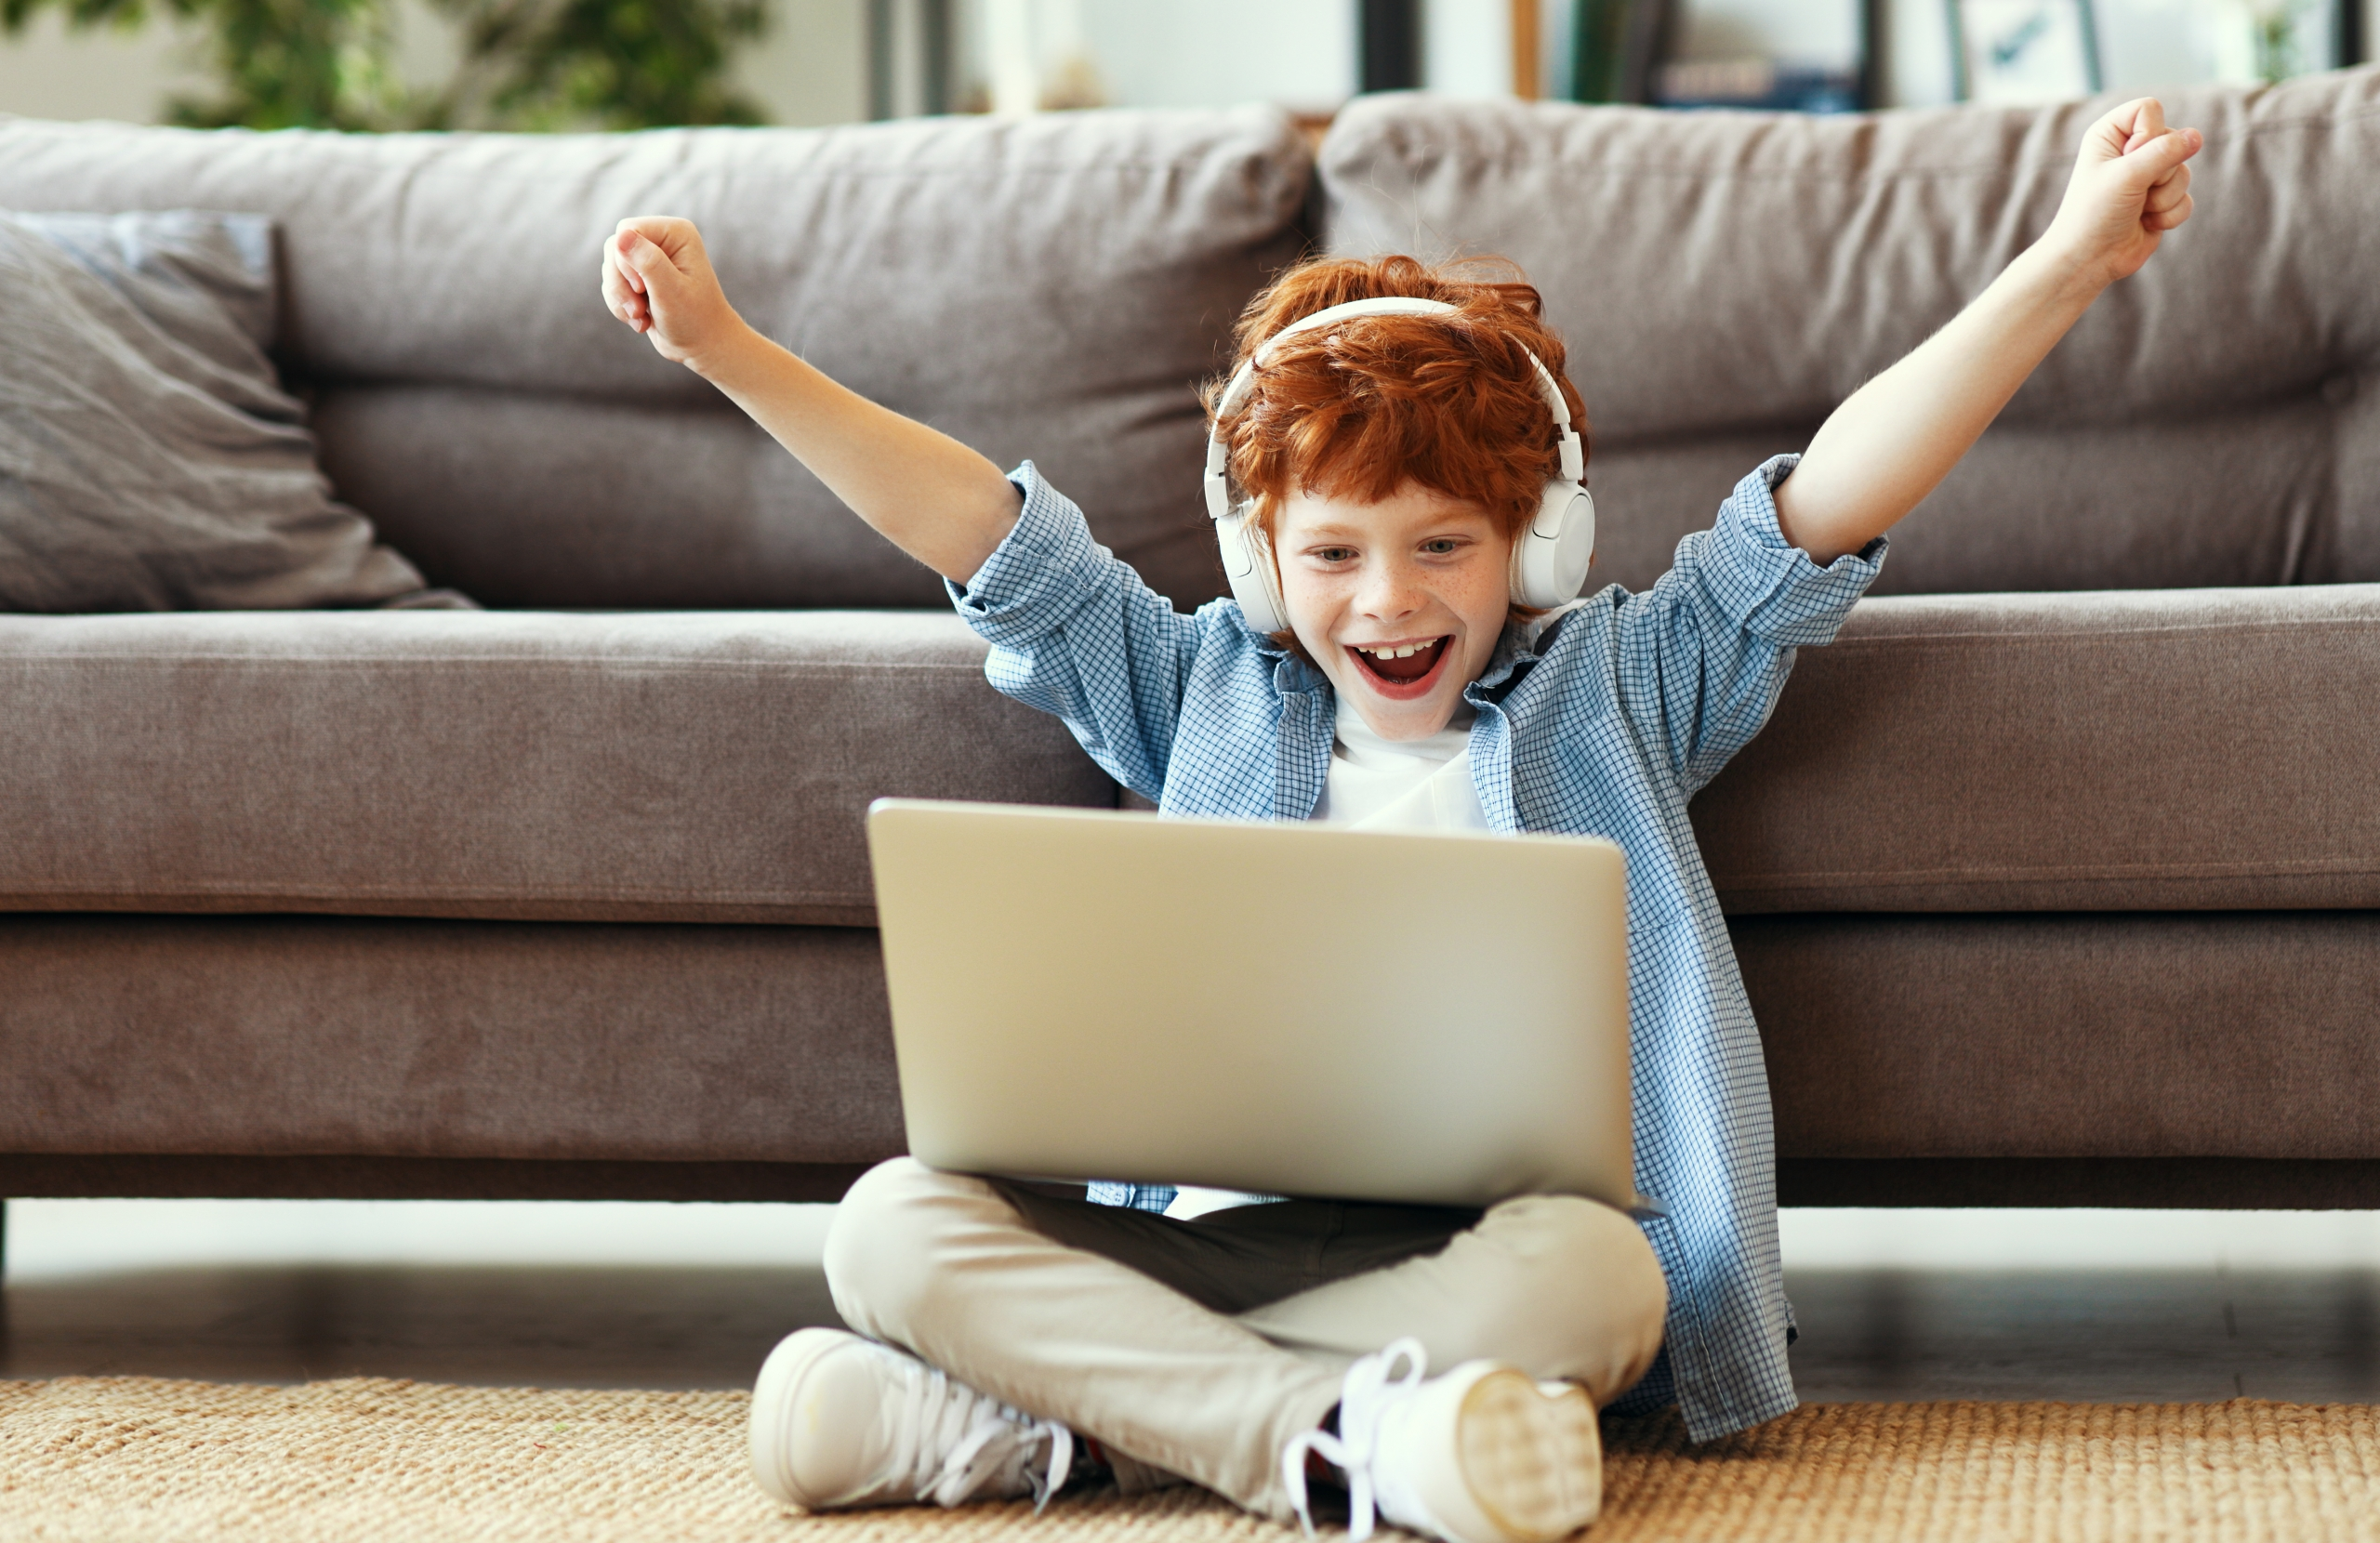 Happy Child Using Team Tutti